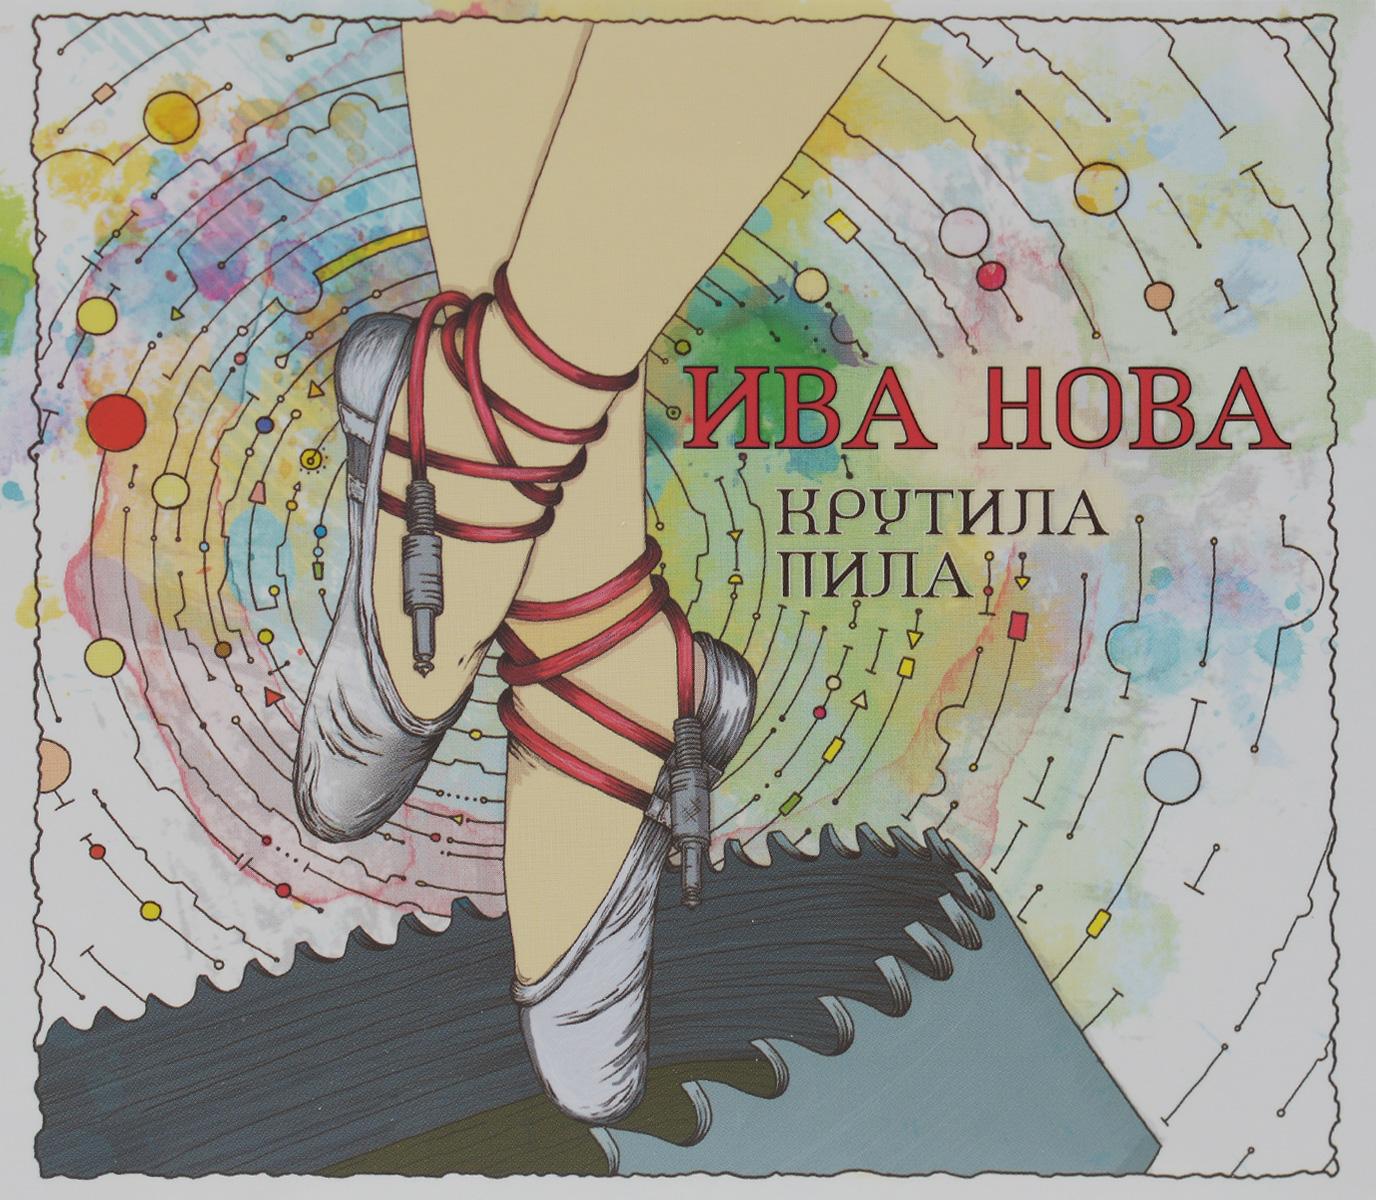 Издание содержит 20-страничный буклет с текстами песен на русском и английском языках.